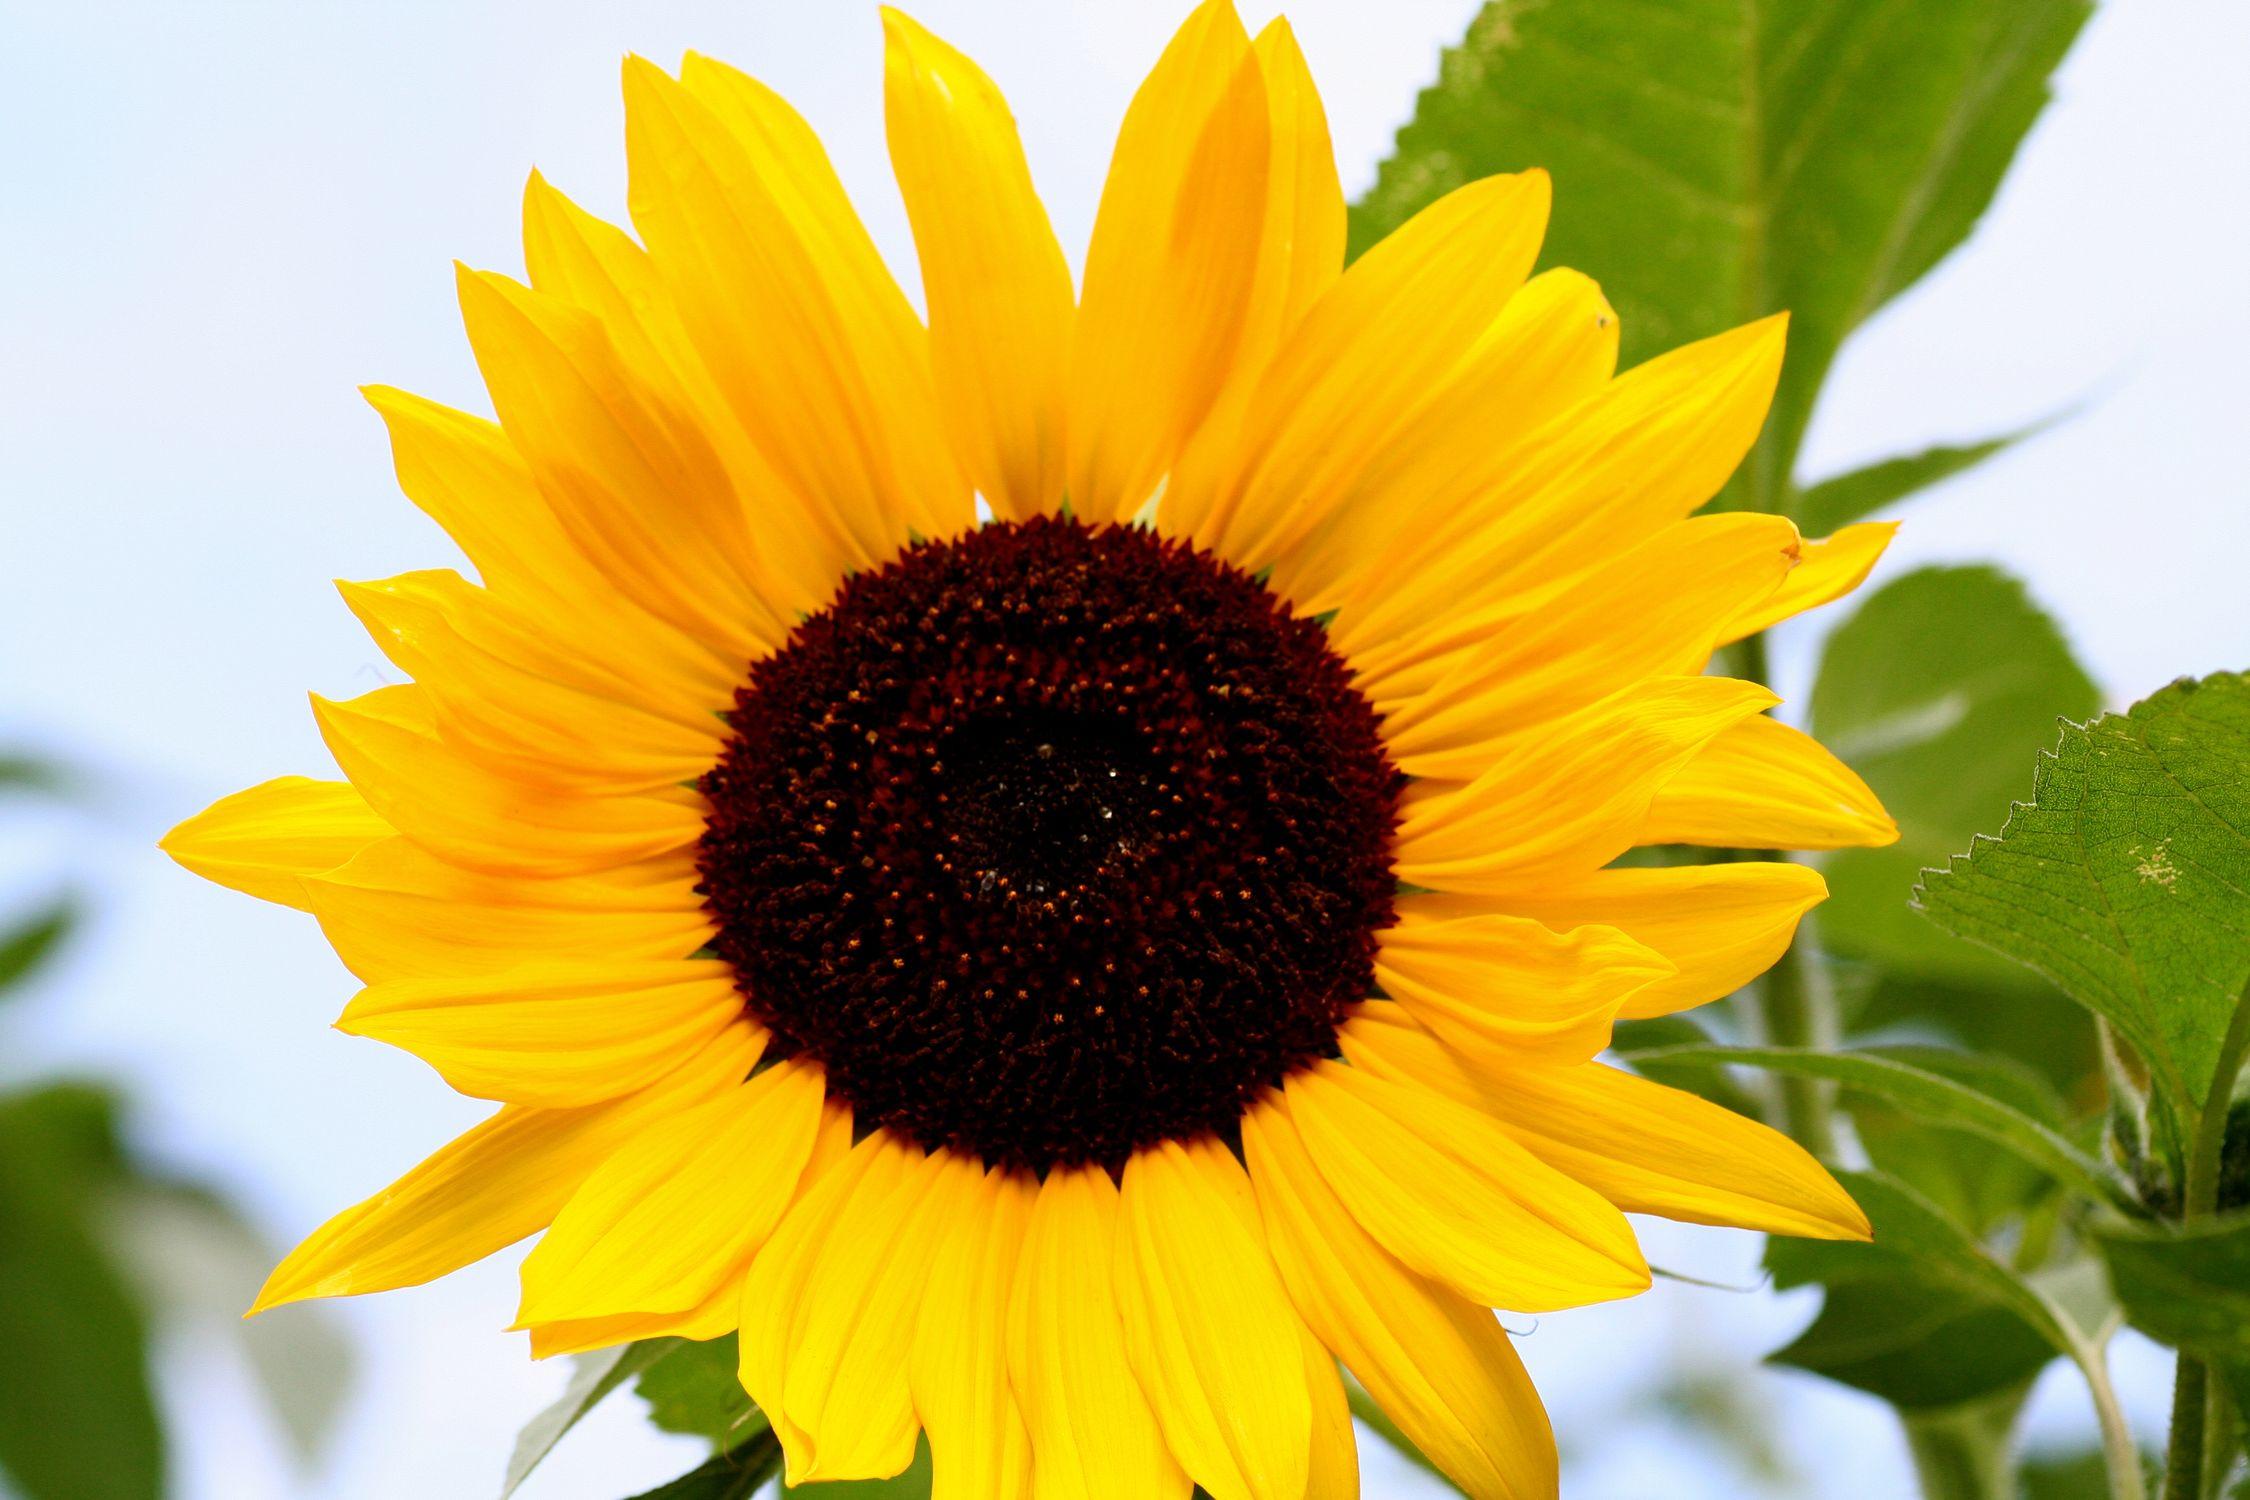 Bild mit Farben, Gelb, Natur, Pflanzen, Himmel, Blumen, Korbblütler, Sonnenblumen, Blume, Flower, Flowers, Sonnenblume, Sunflower, Sunflowers